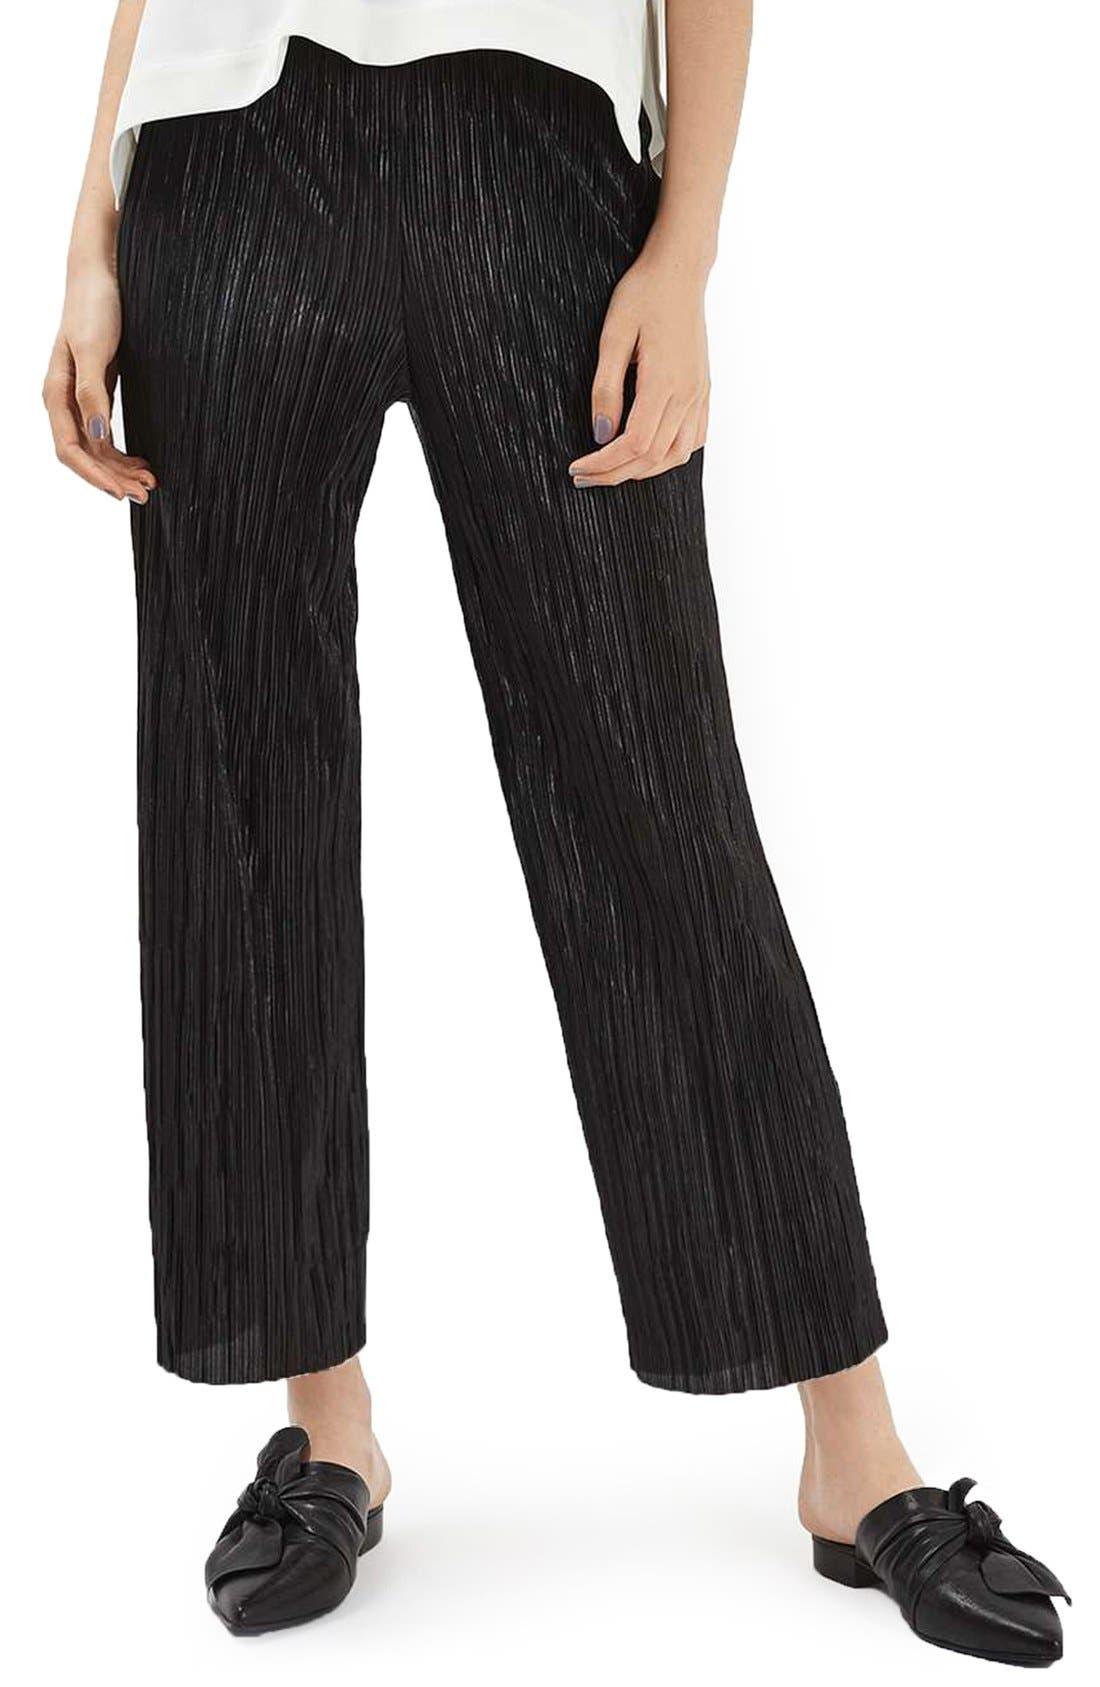 Alternate Image 1 Selected - Topshop Plissé Trousers